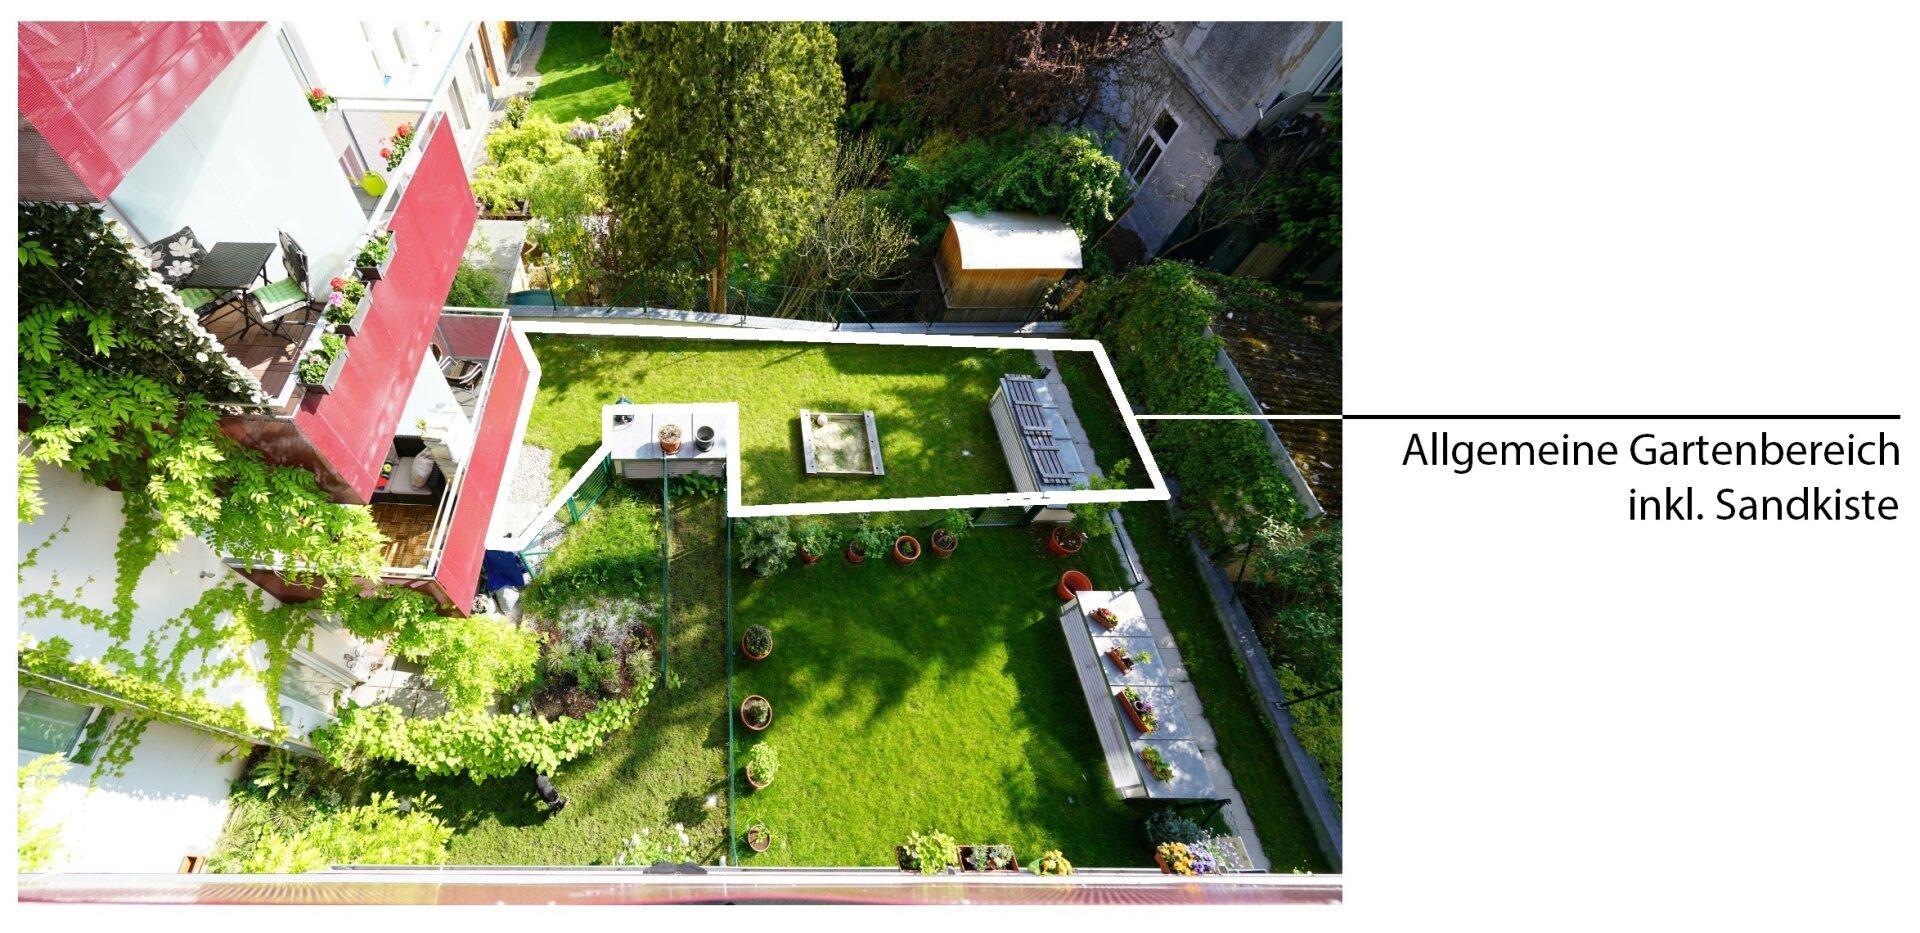 Allgemeine Gartenbereich